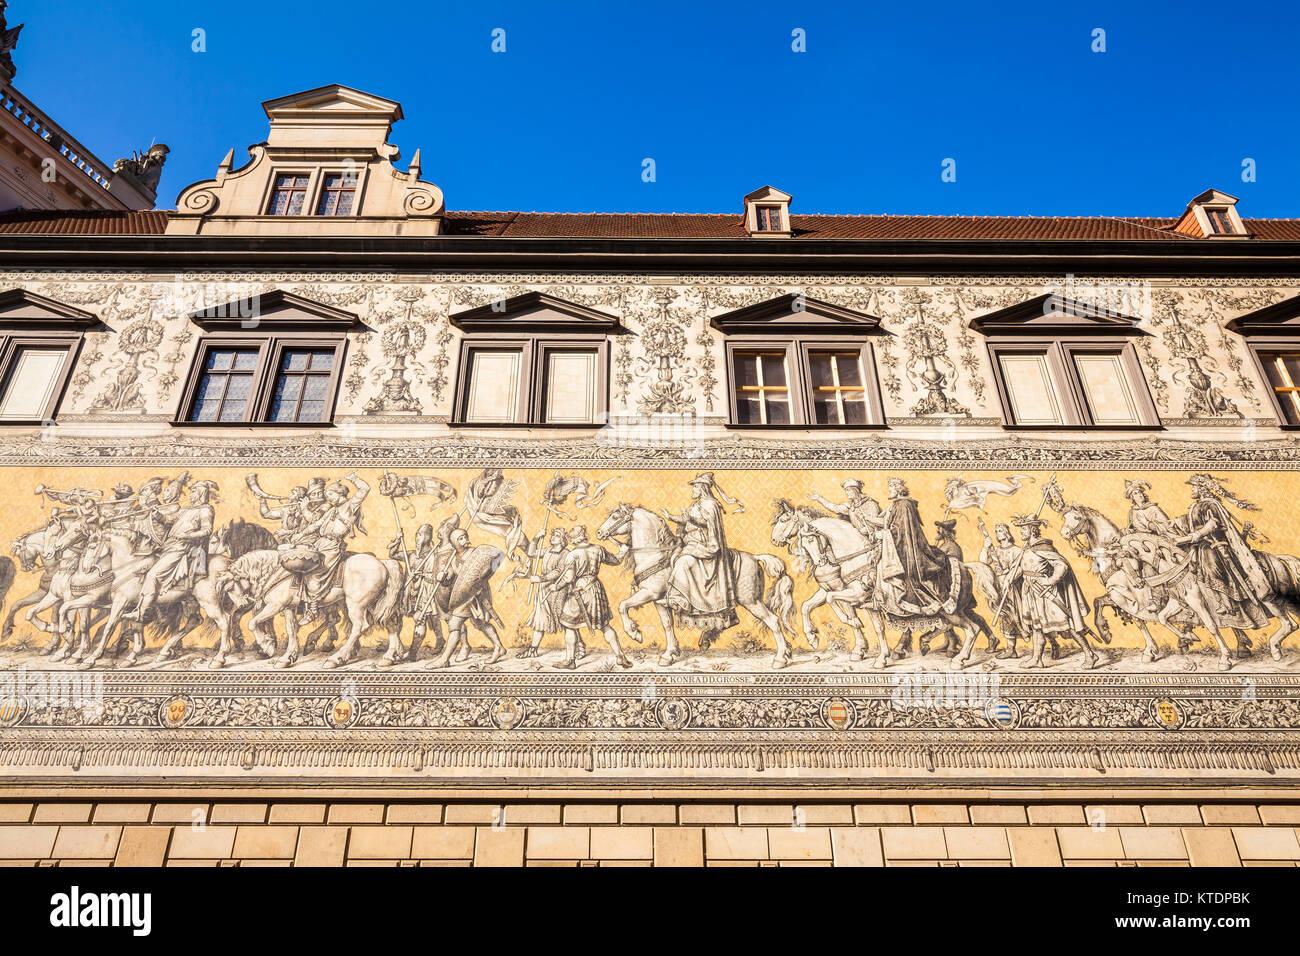 Deutschland, Sachsen, Dresden, Fürstenzug, Bild eines Reiterzuges, Fliesen aus Meißner Porzellan - Stock Image